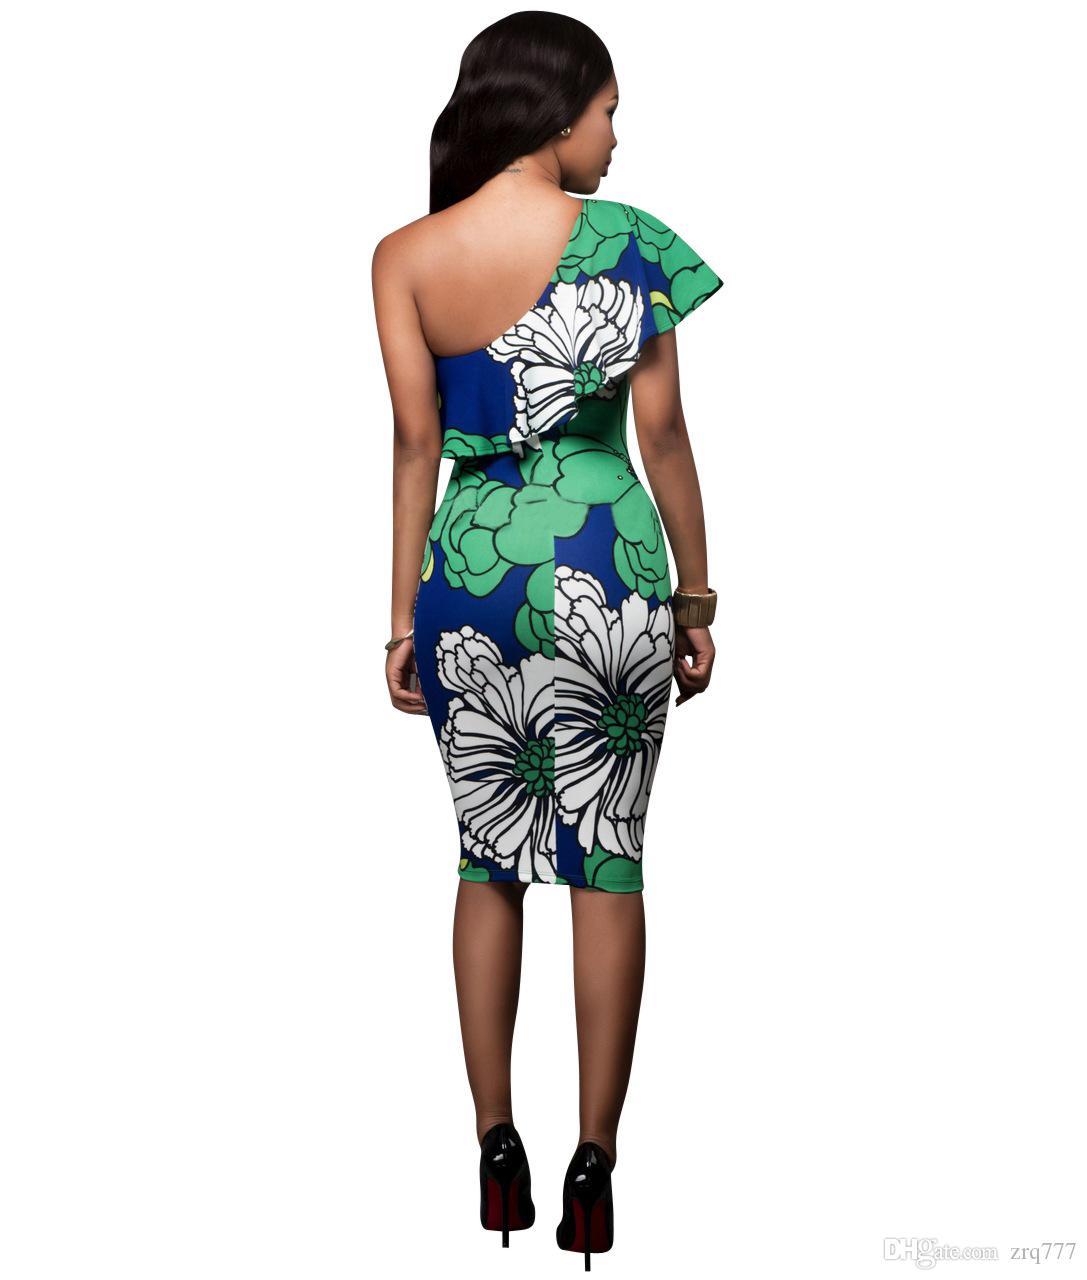 유럽과 미국의 인쇄 스커트 드레스 섹시한 비스듬한 어깨 붕대 드레스, flared 칼라 폴드 슬림 드레스, 미니 패키지 힙합 나이트 클럽